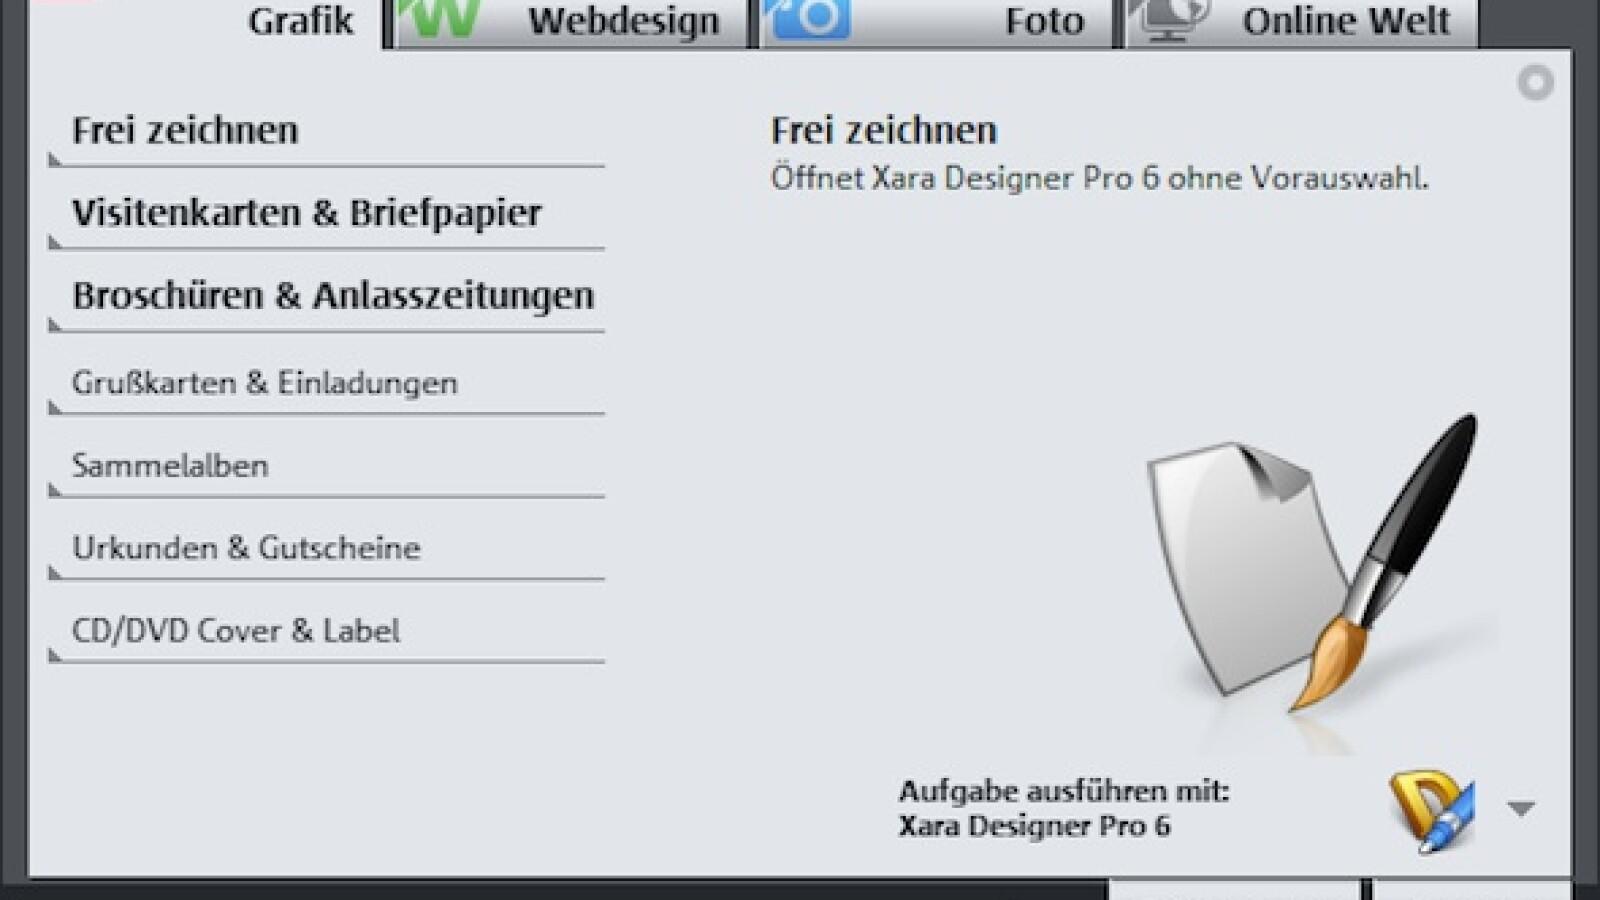 Grafik- und Foto-Tools: Formate für Dokumente - NETZWELT